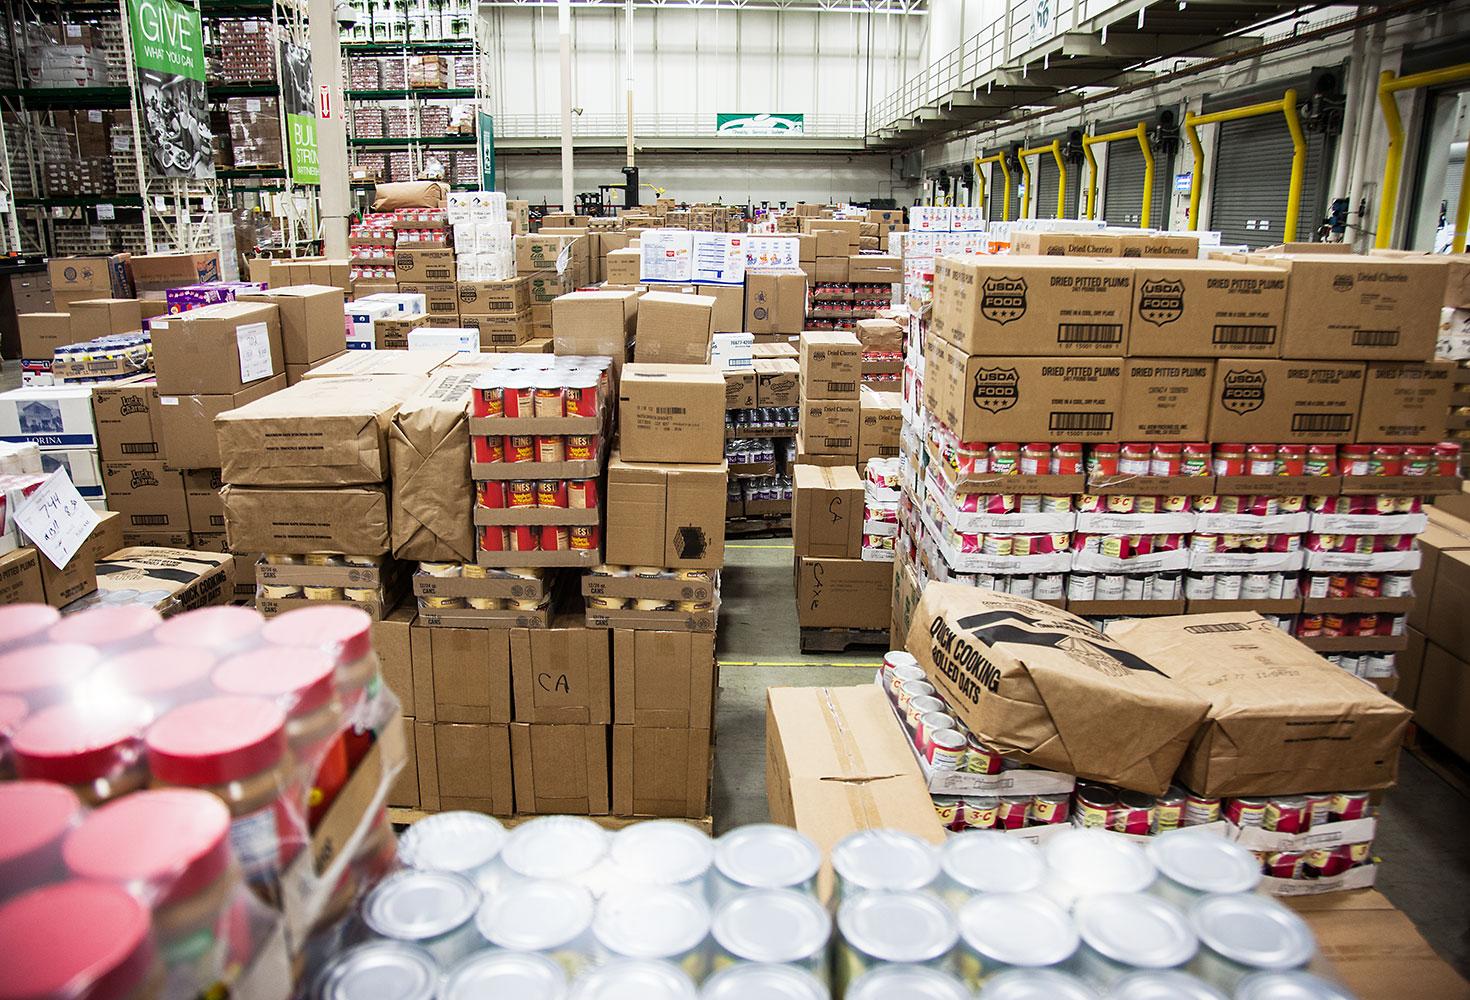 FoodDepository-0111-011.jpg